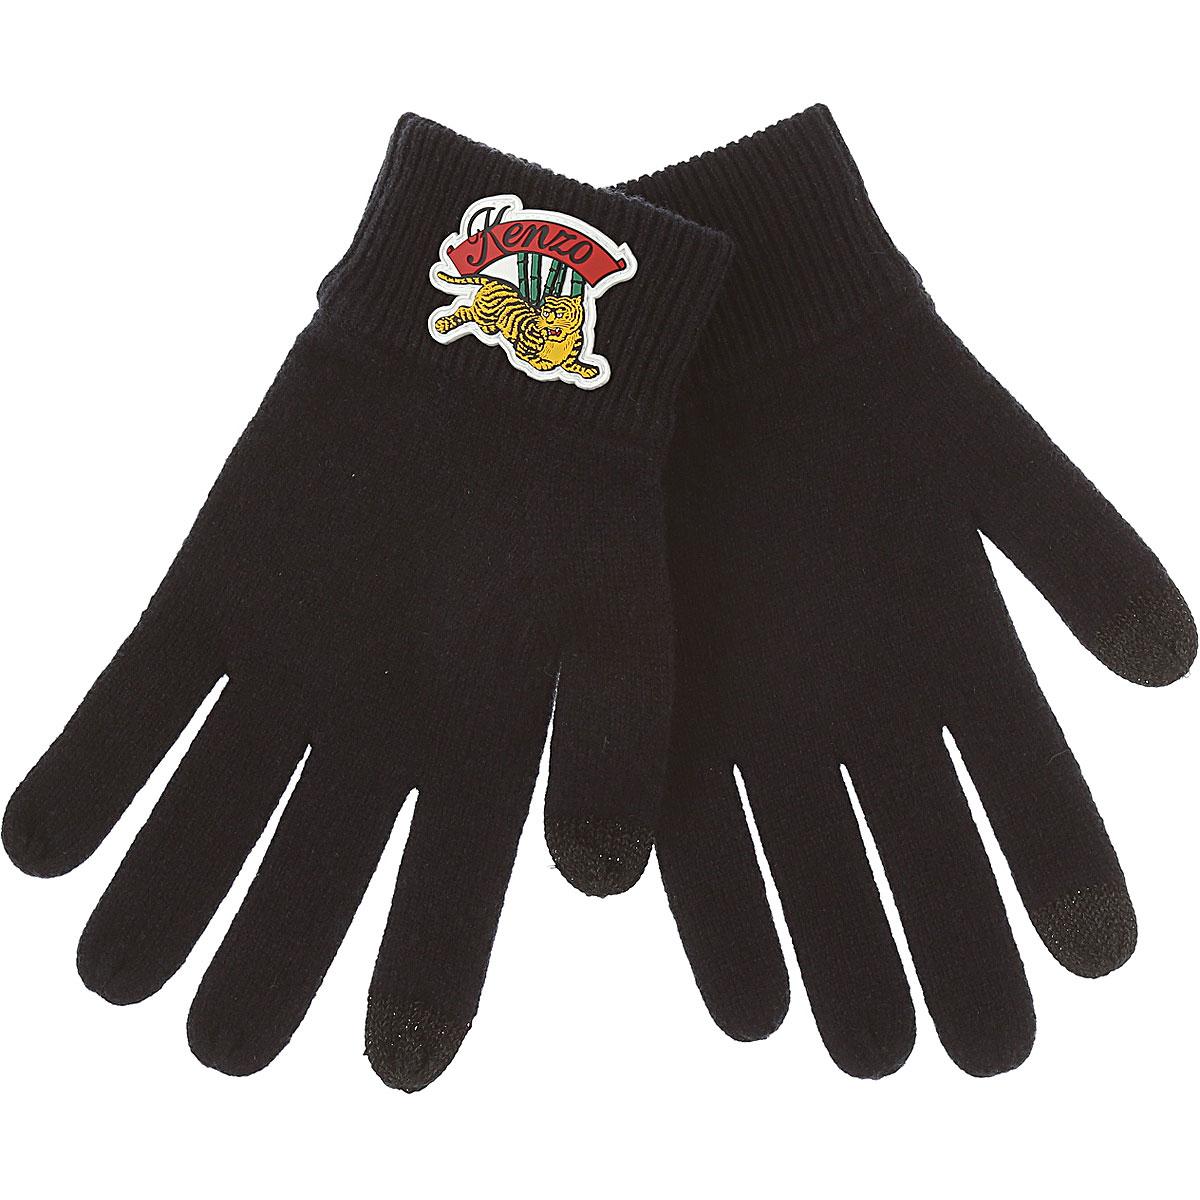 Image of Kenzo Gloves for Men, Black, Wool, 2017